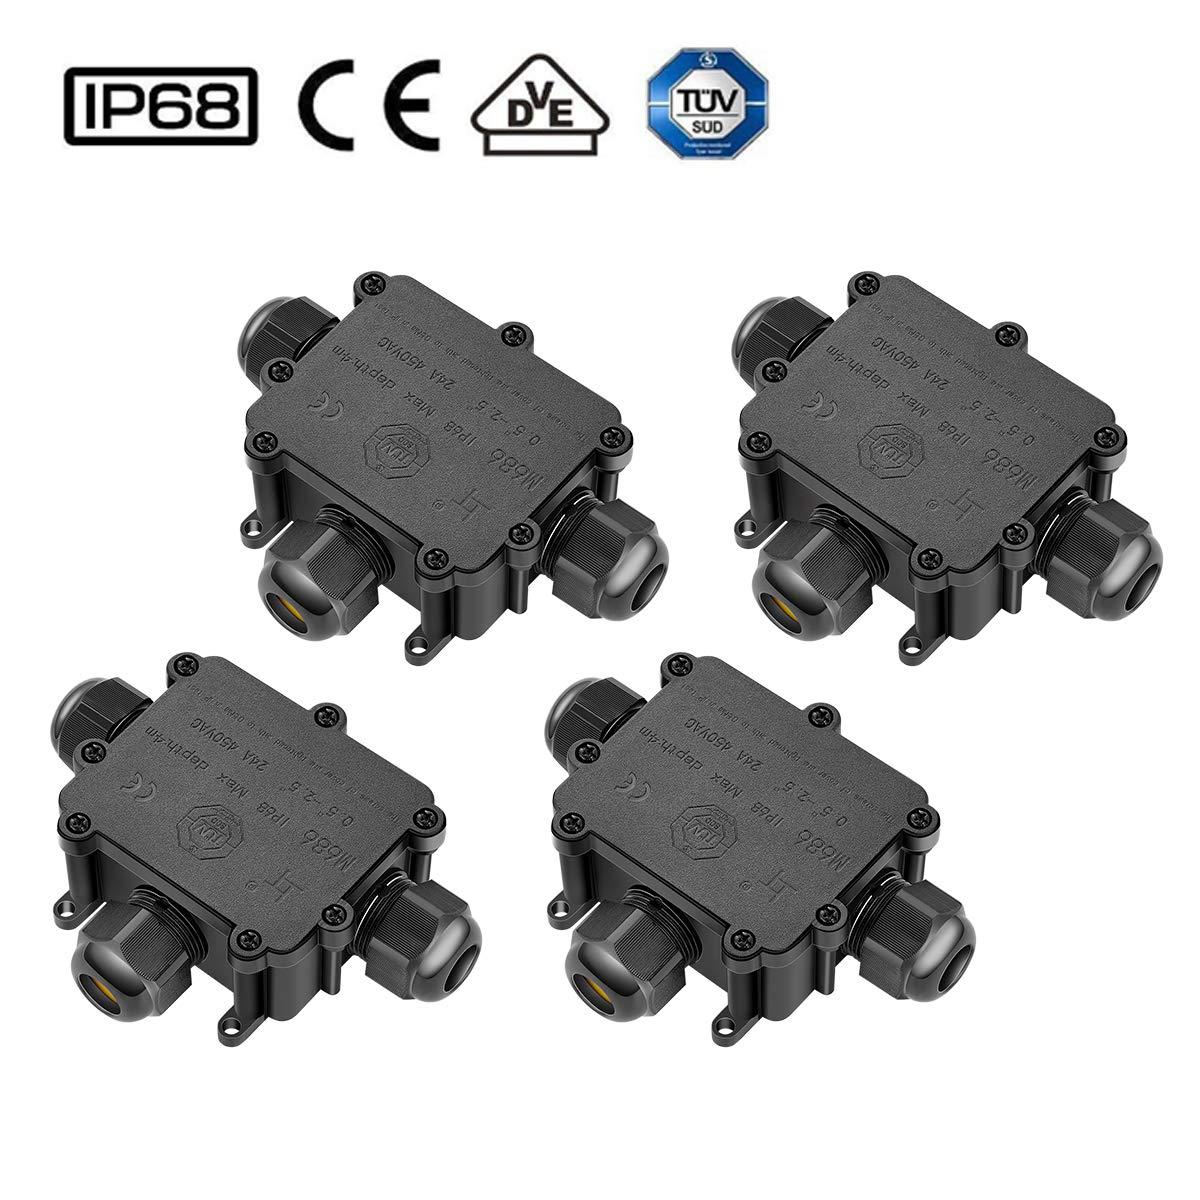 eSky24 2er T-Form Verbindungsmuffe 5-Polige Kabel Verteilersdose 3-Wege Anschlussdose von 1 Eingang zu 2 Ausg/änge f/ür /Ø4-14mm Aufputz//Unterputz f/ür Erdkabel Kabelverbinder Wasserdicht IP68